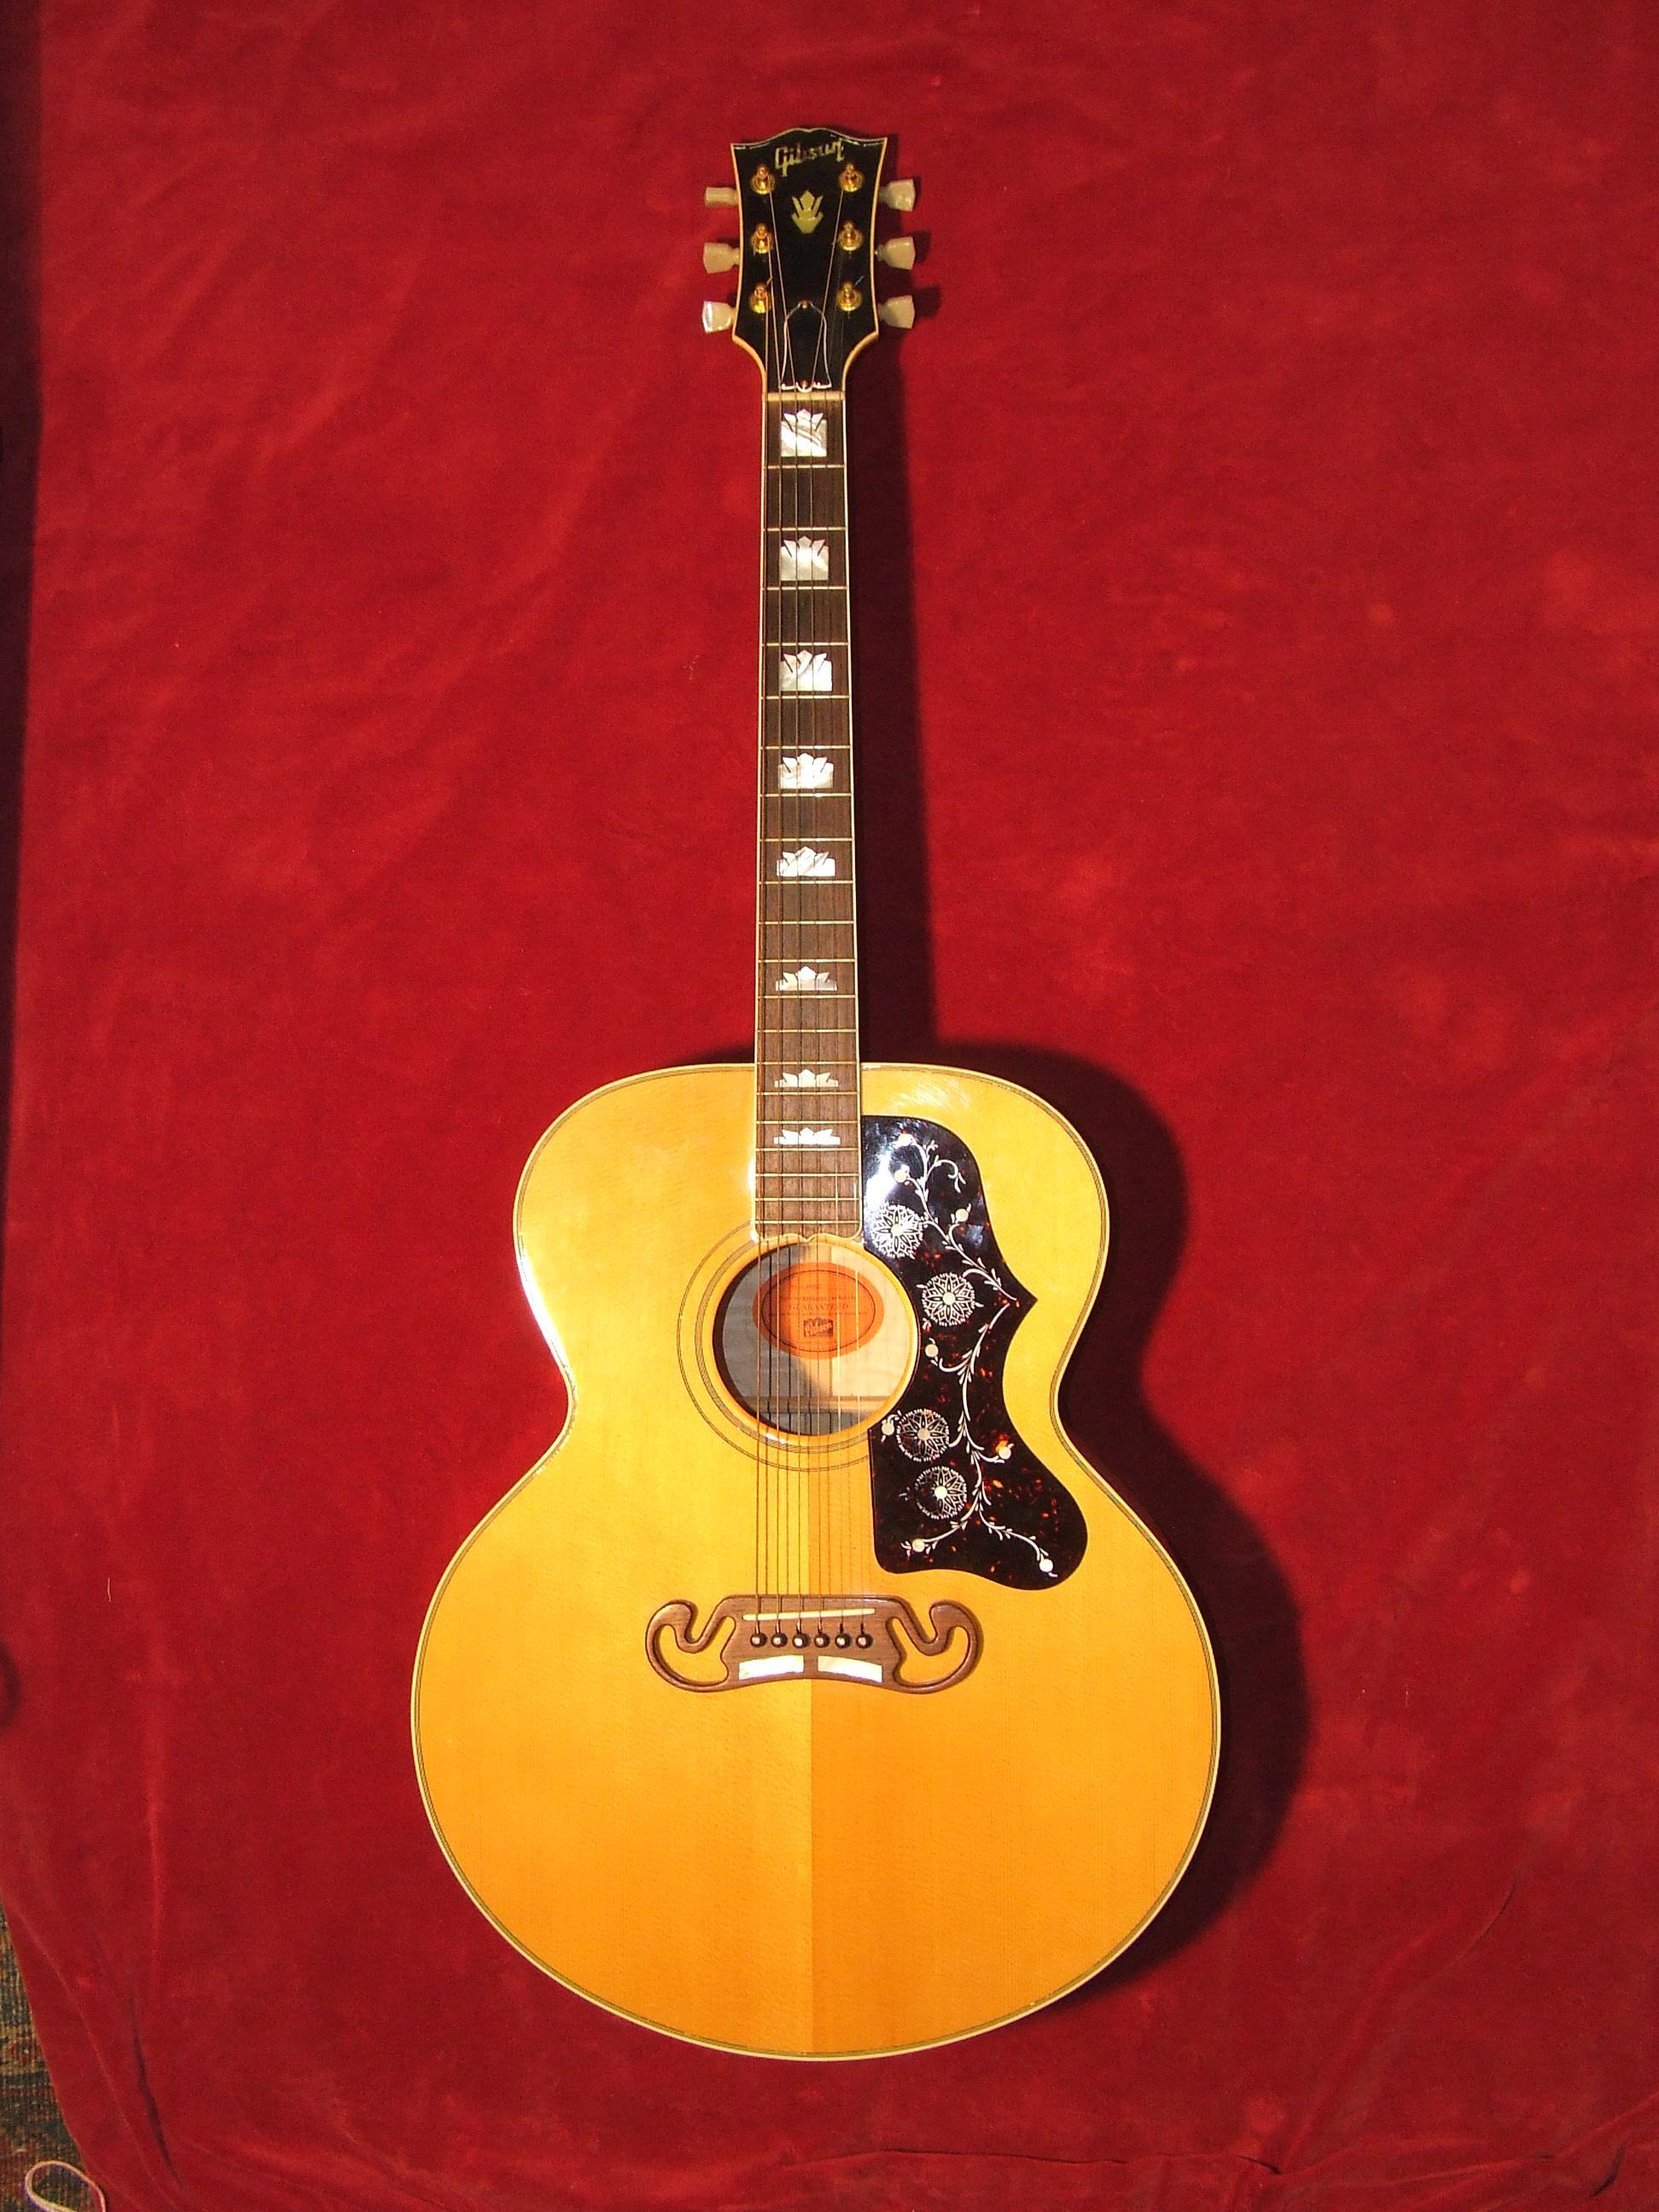 gibson j200 1995 natural guitar for sale old hat guitars. Black Bedroom Furniture Sets. Home Design Ideas